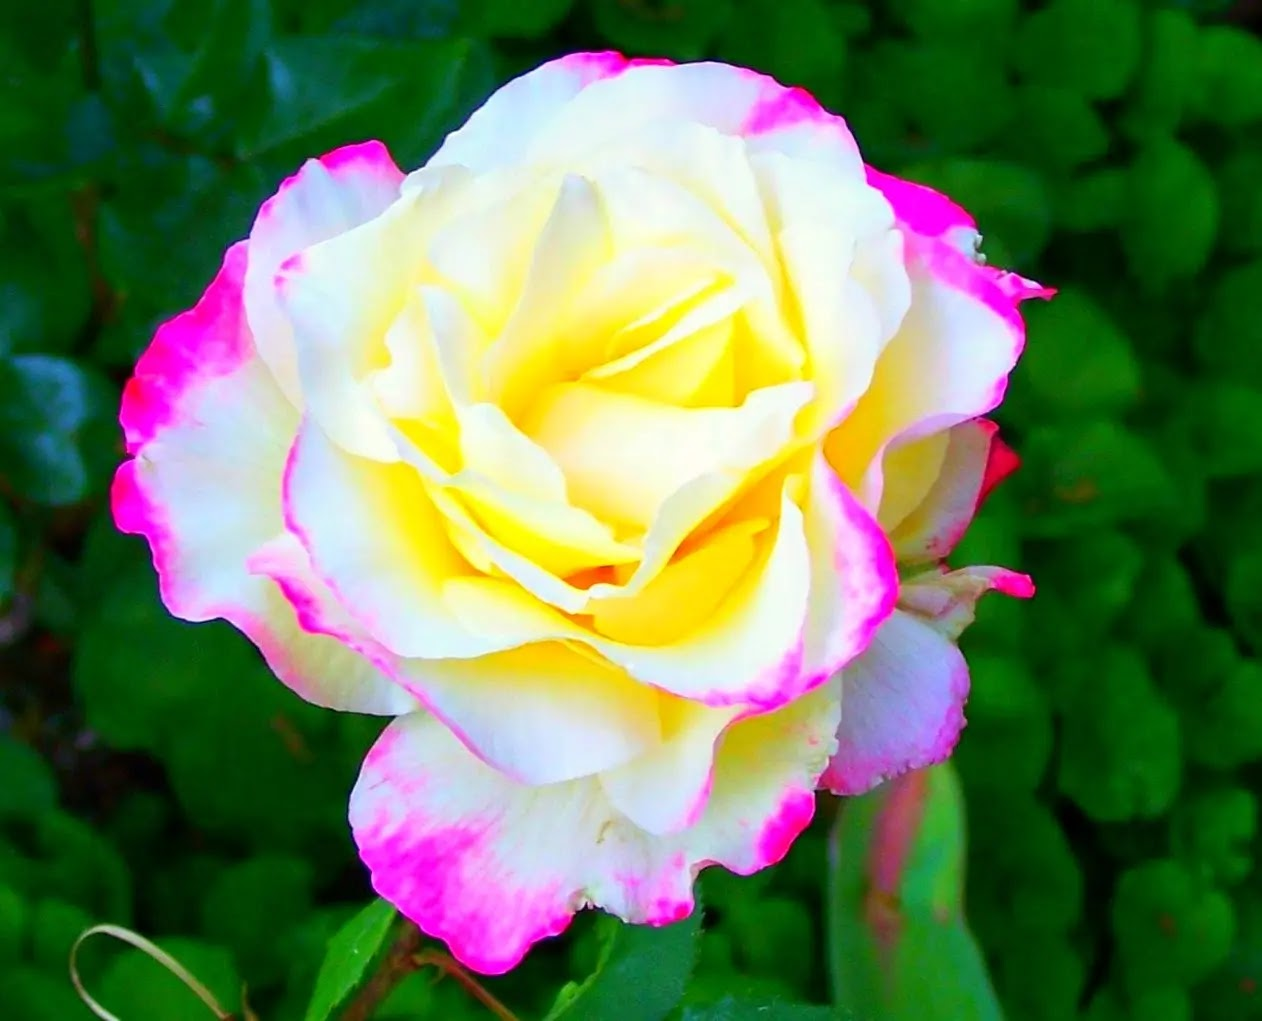 صورة وردة حلوة جميلة